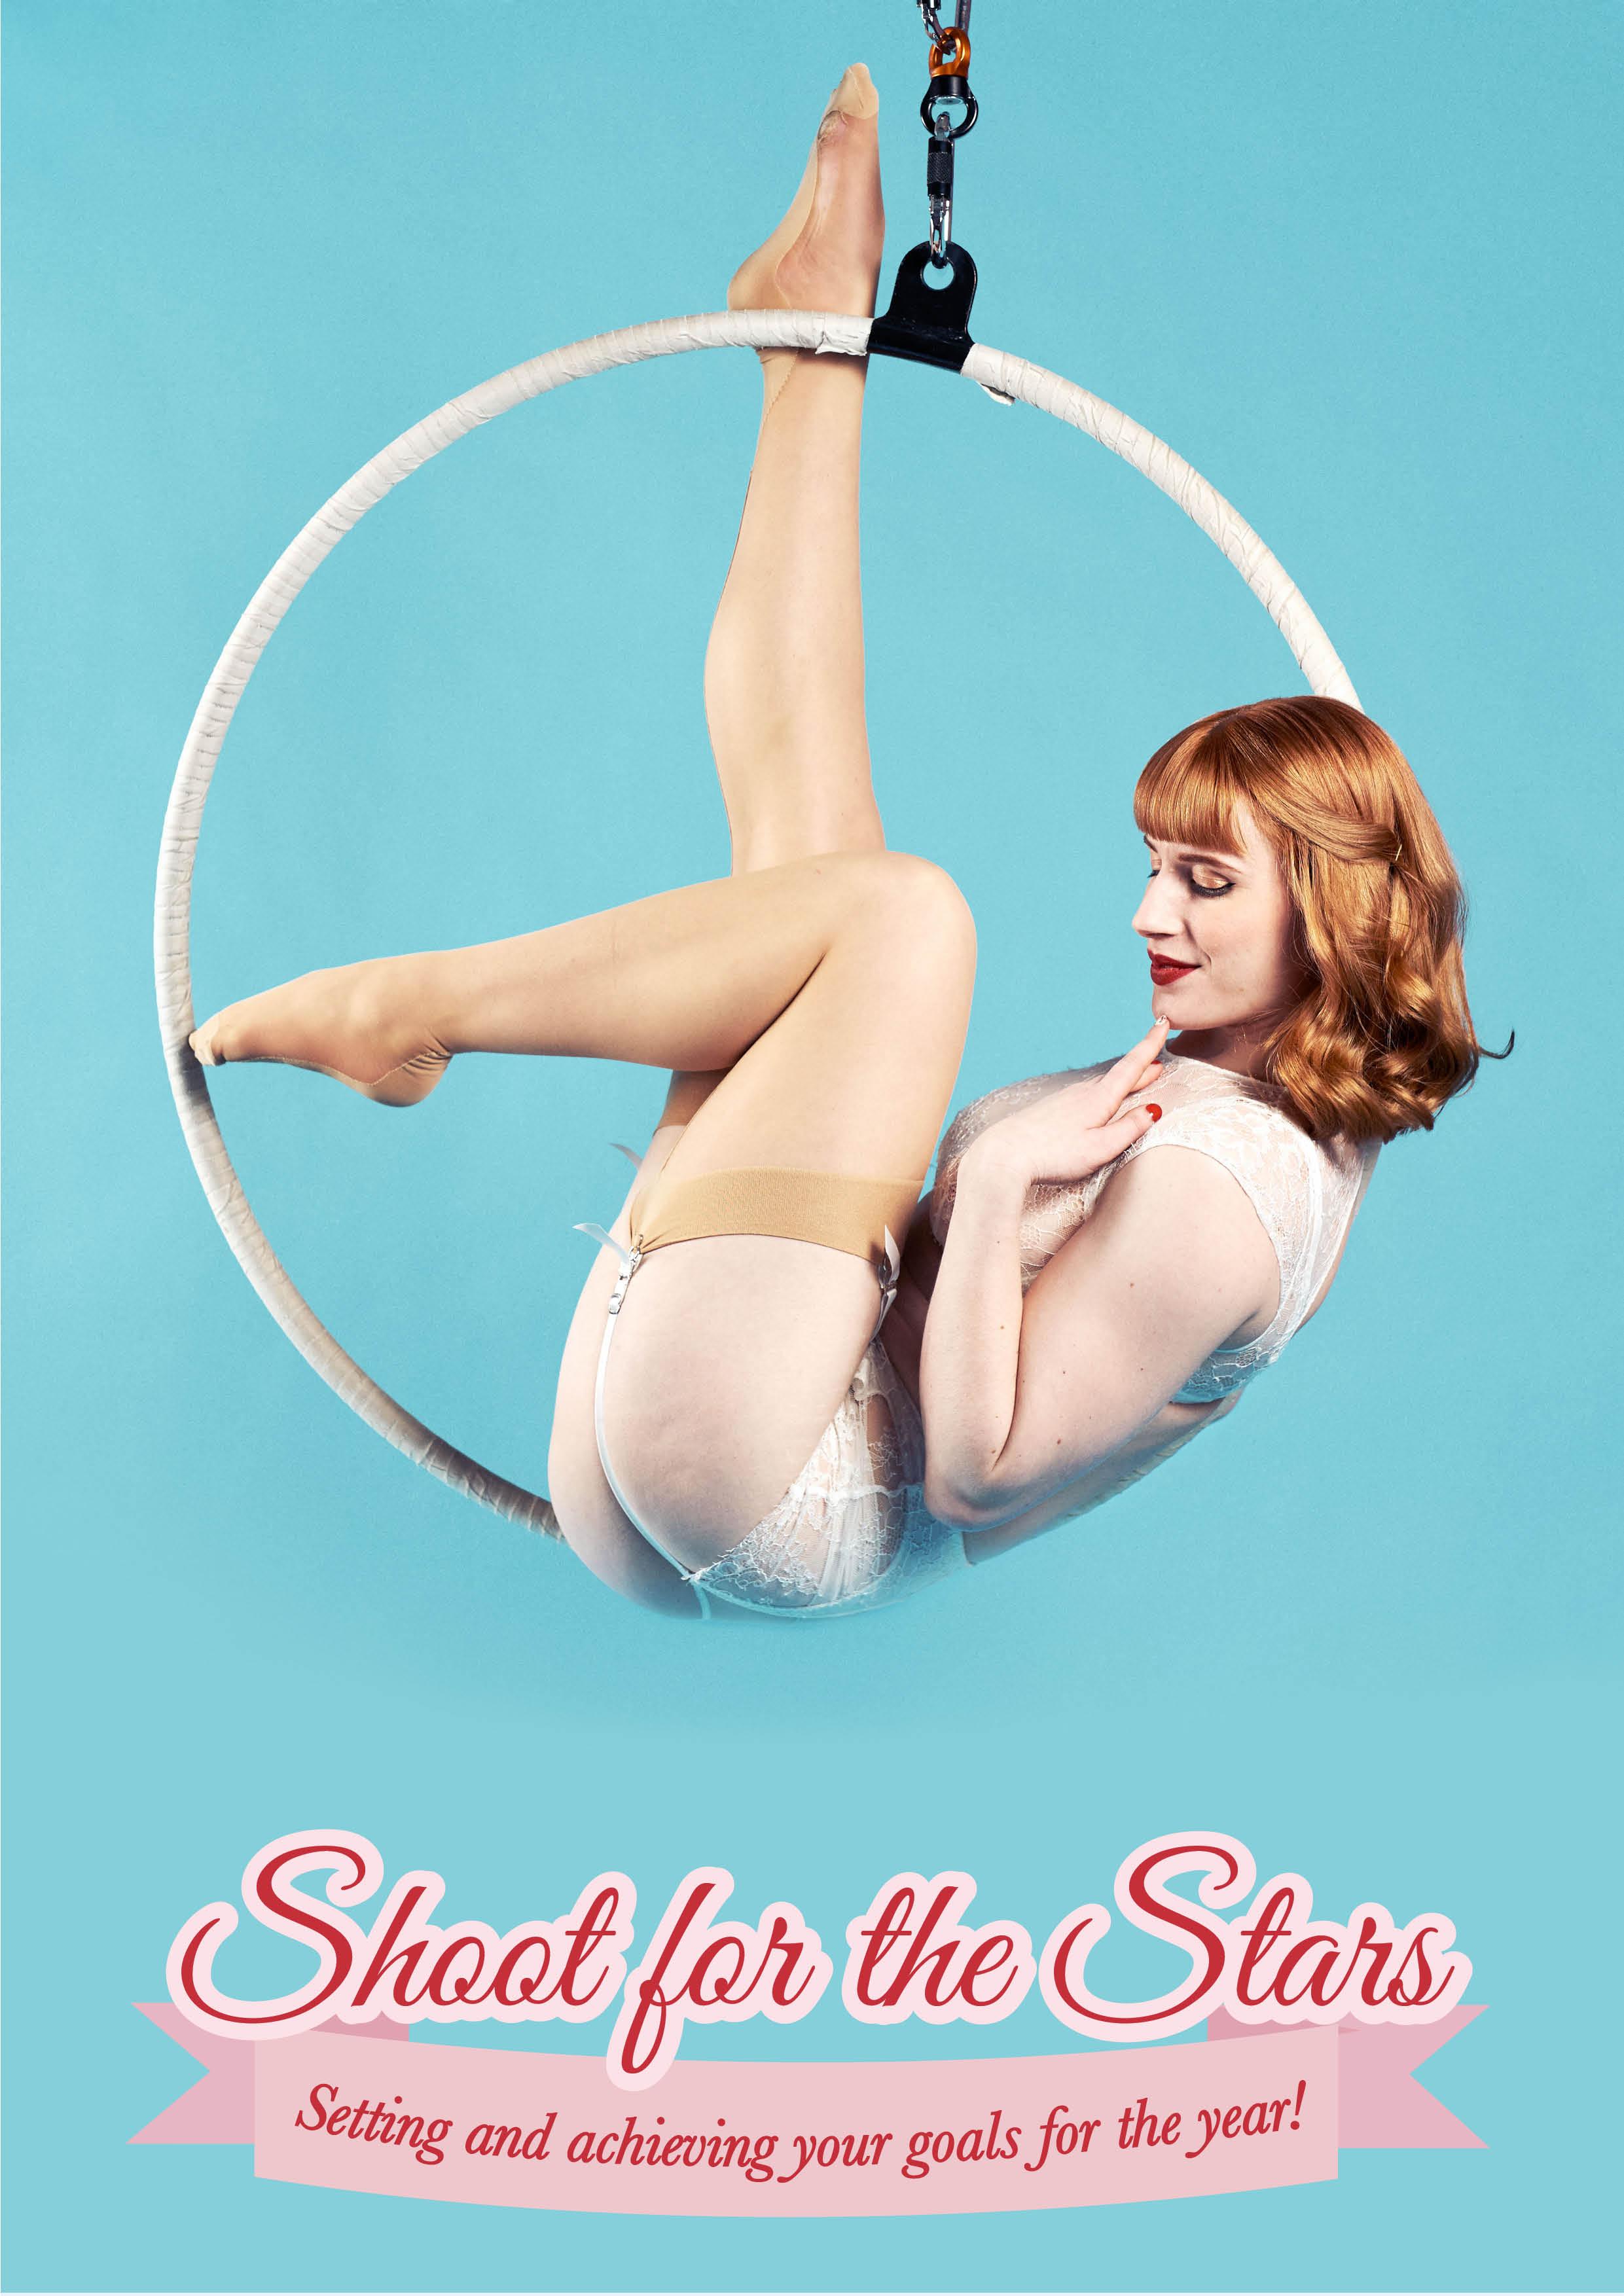 Shoot-for-the-stars-banner.jpg